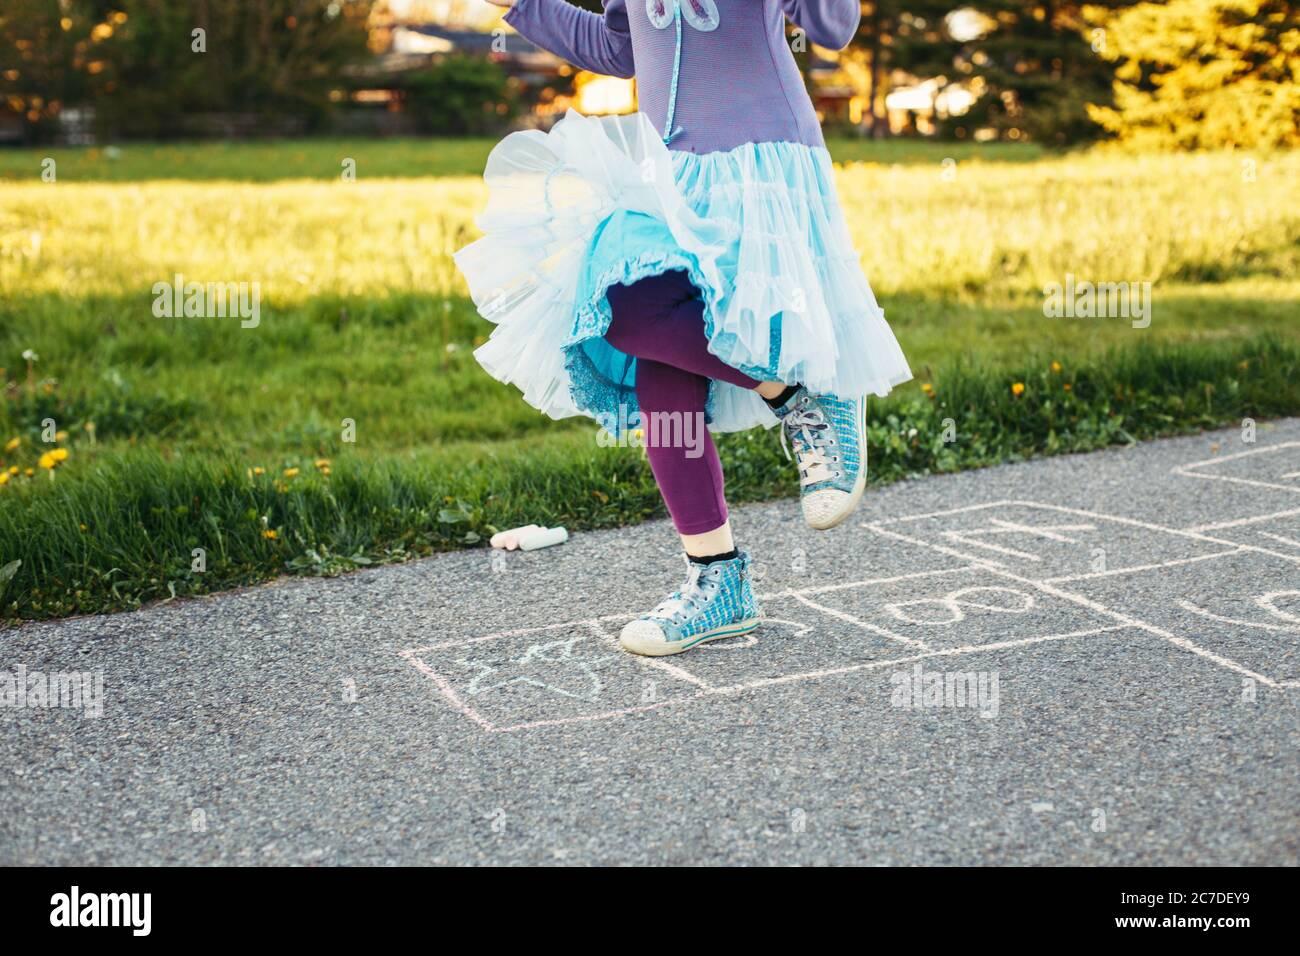 Gros plan de chld fille jouant saut de hopscotch en plein air. Jeu d'activités amusant pour les enfants sur l'aire de jeux à l'extérieur. Sports de rue de cour d'été pour les enfants. Banque D'Images